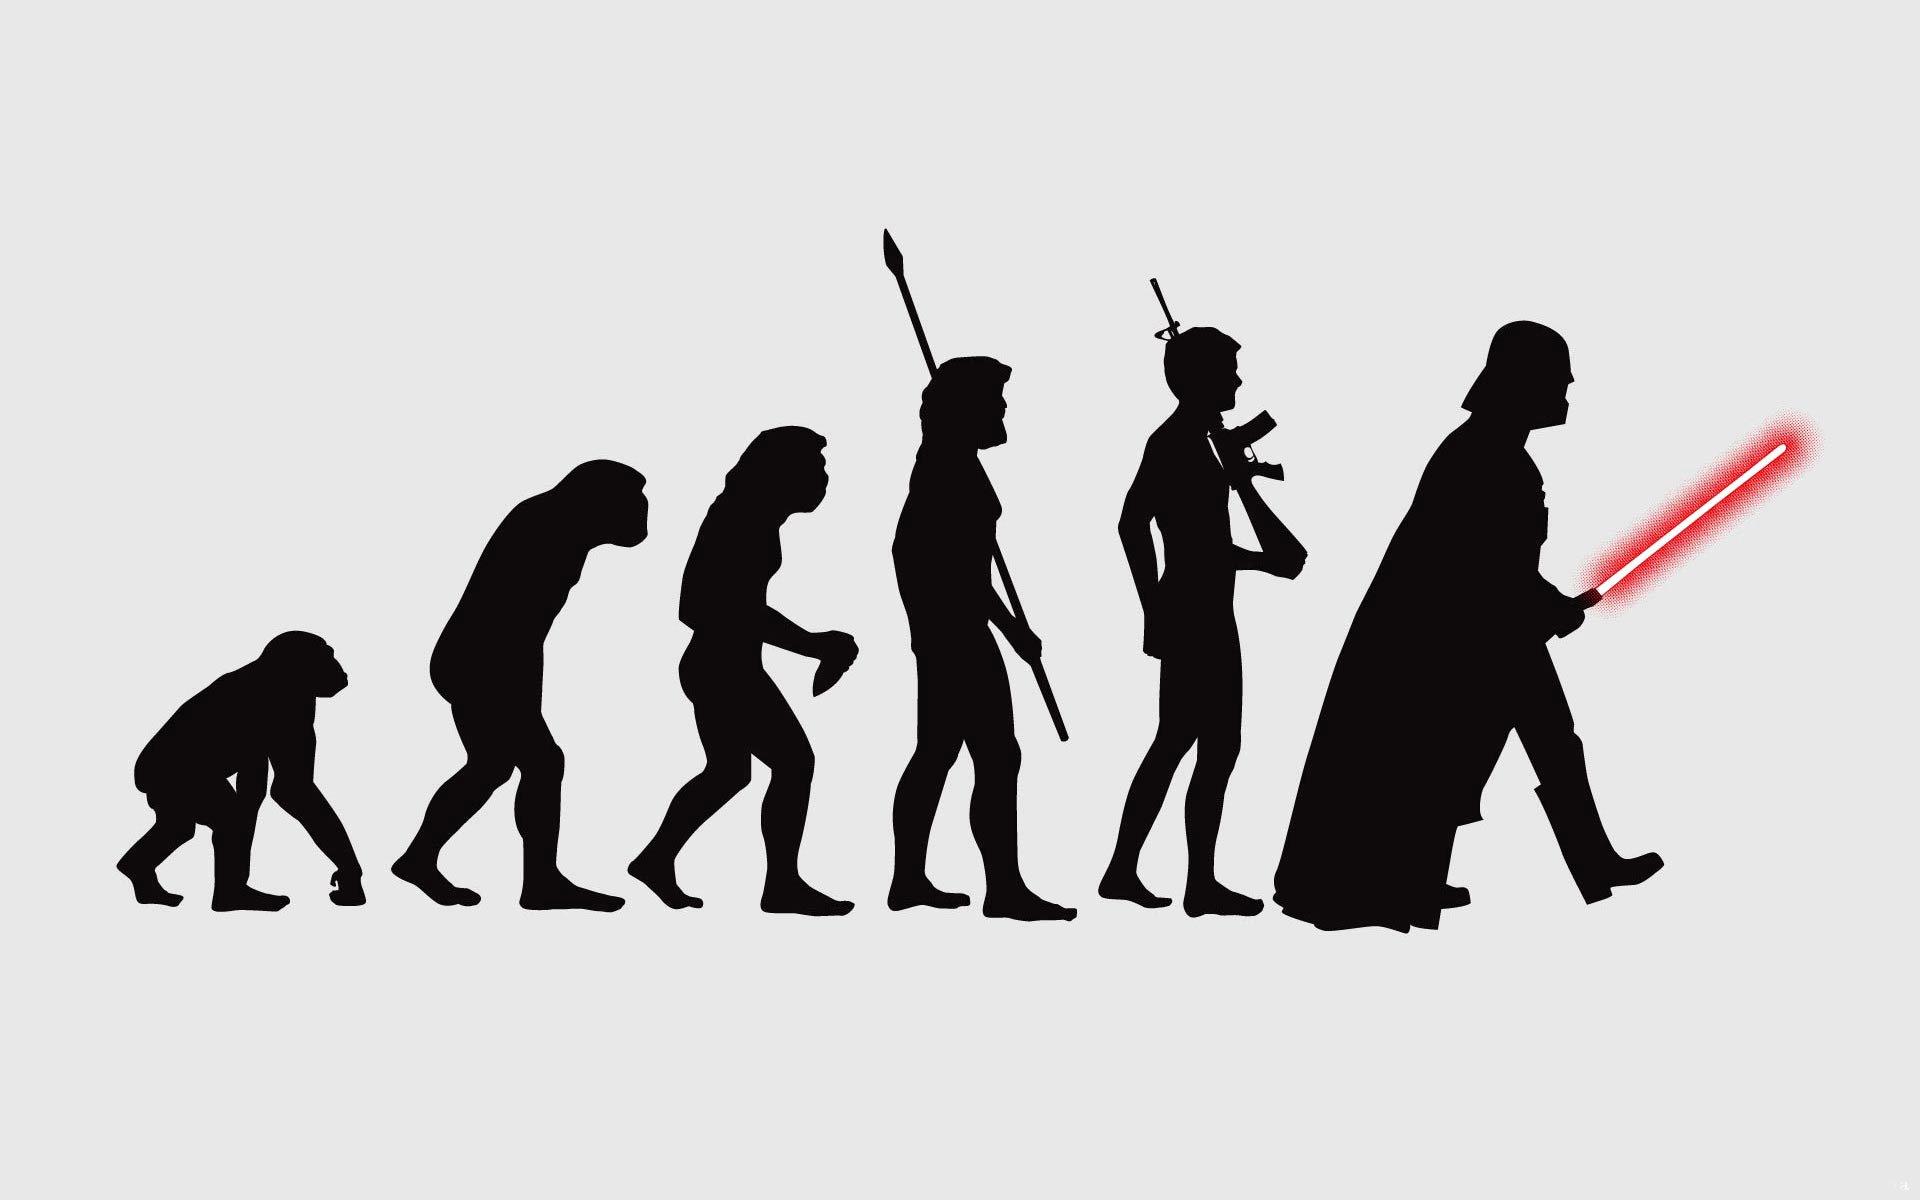 Прикольные, смешная картинка эволюция